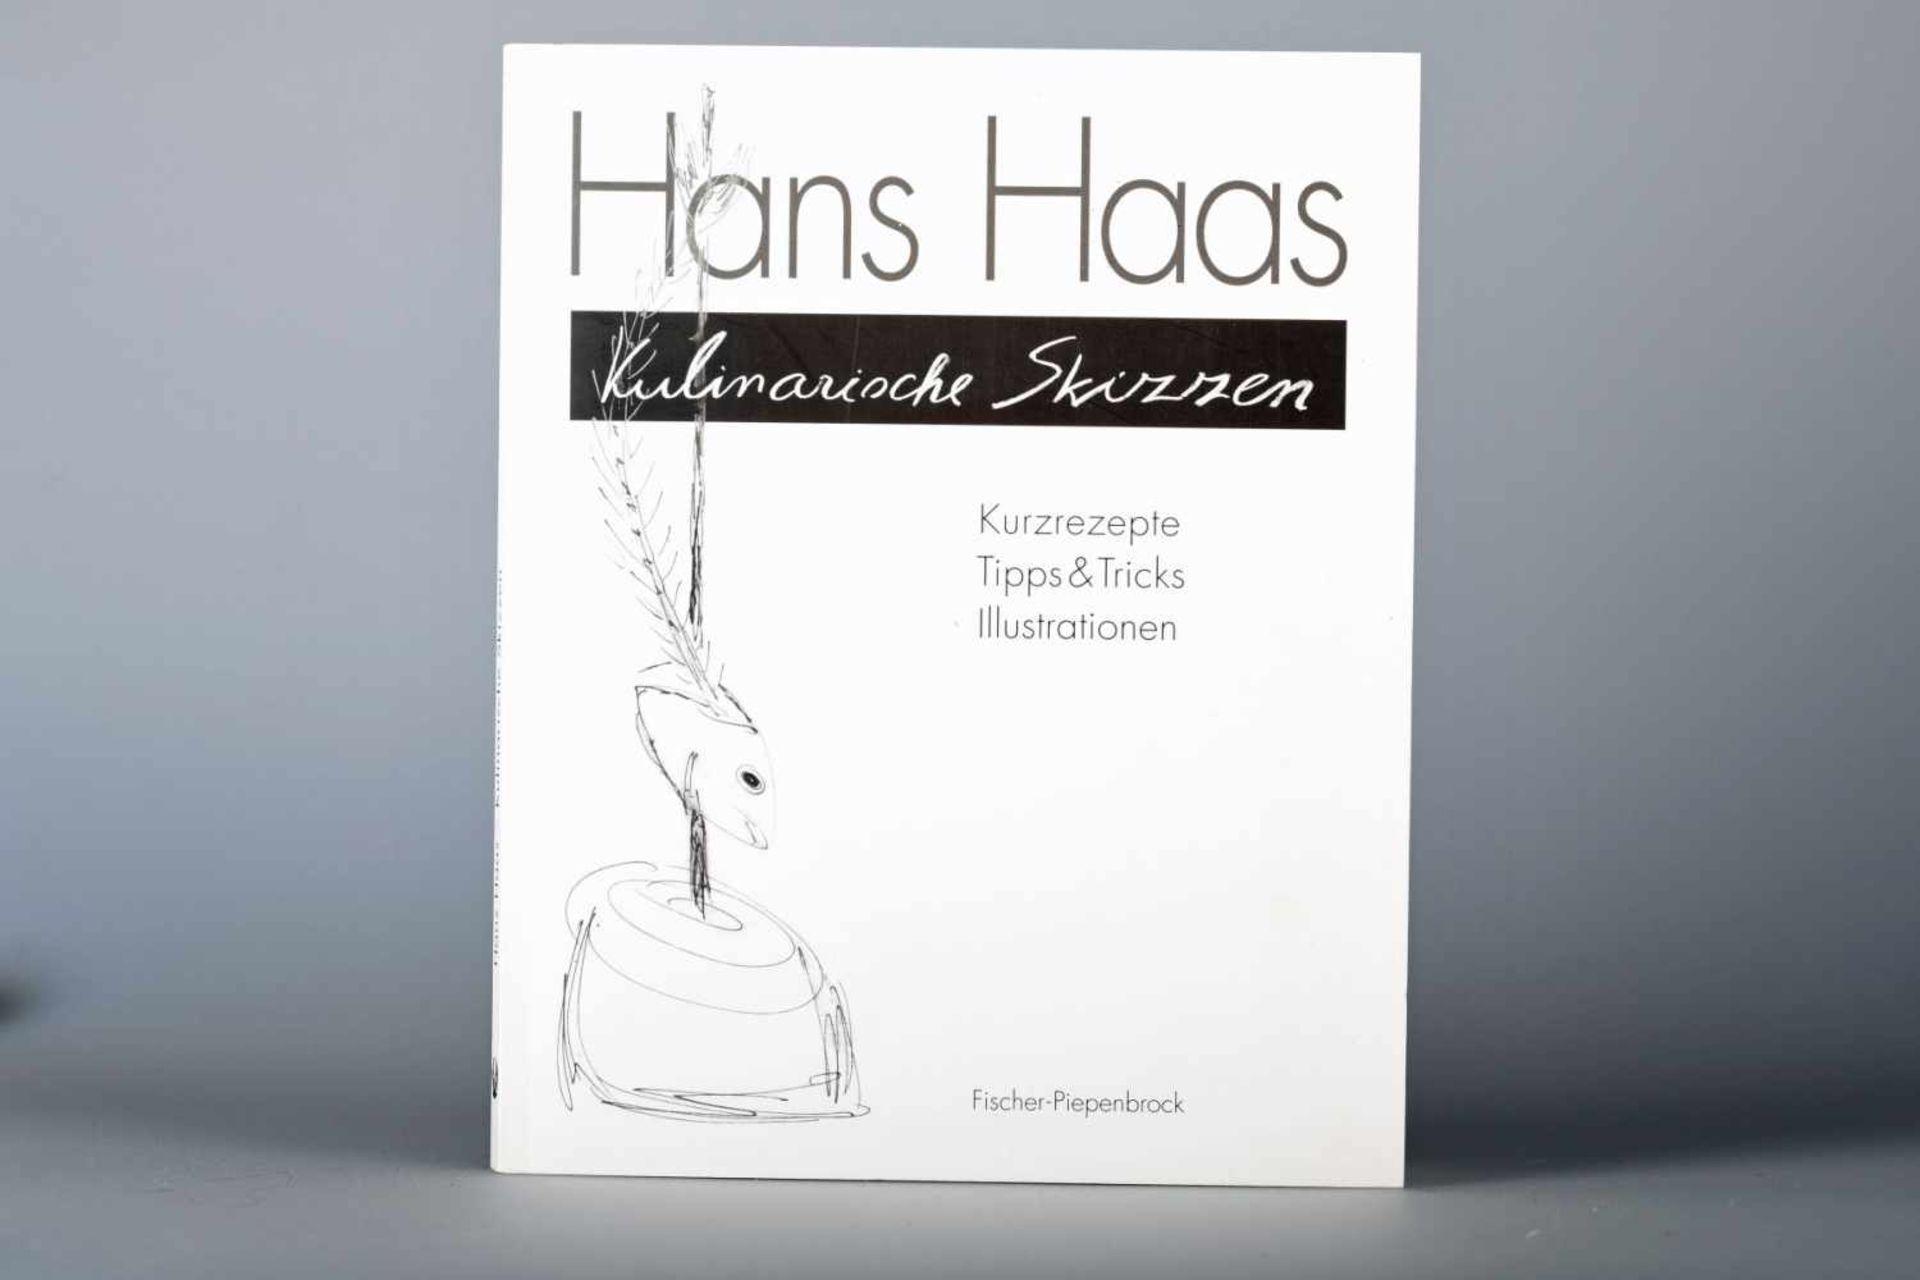 Haas, Hans: Kulinarische Skizzen, Fischer-Piepenbrock, München 2002Kurzrezepte, Tipps und Tricks,